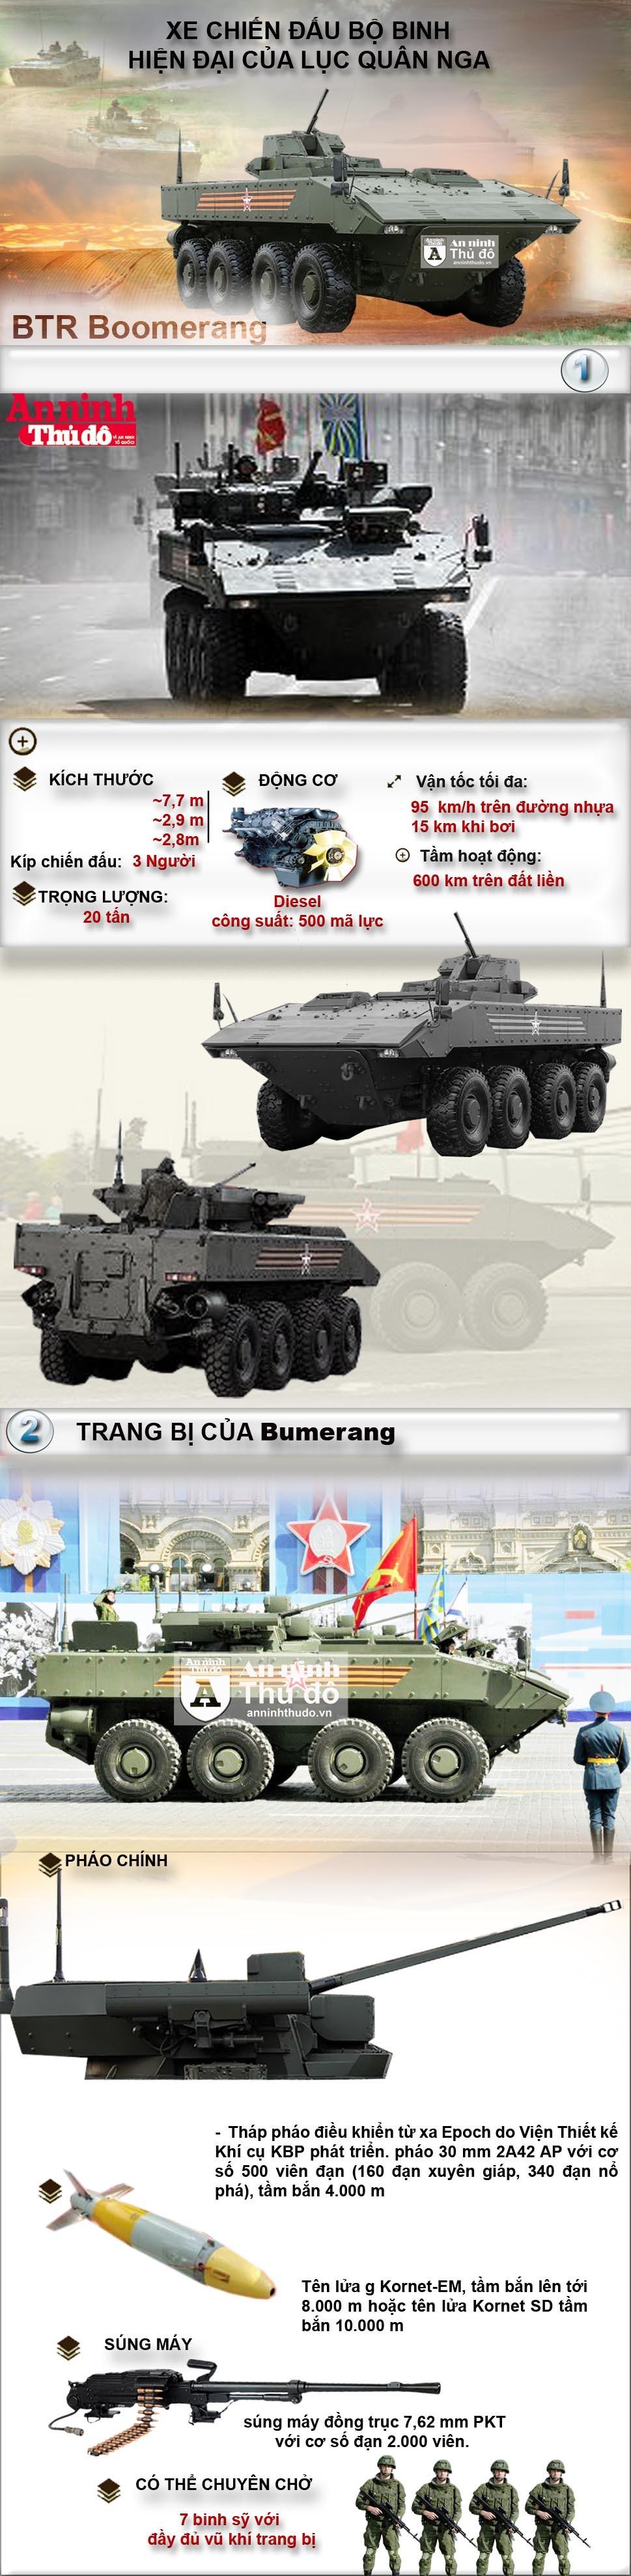 [Infographic] Boomerang - xe chiến đấu bộ binh hiện đại nhất lục quân Nga ảnh 1